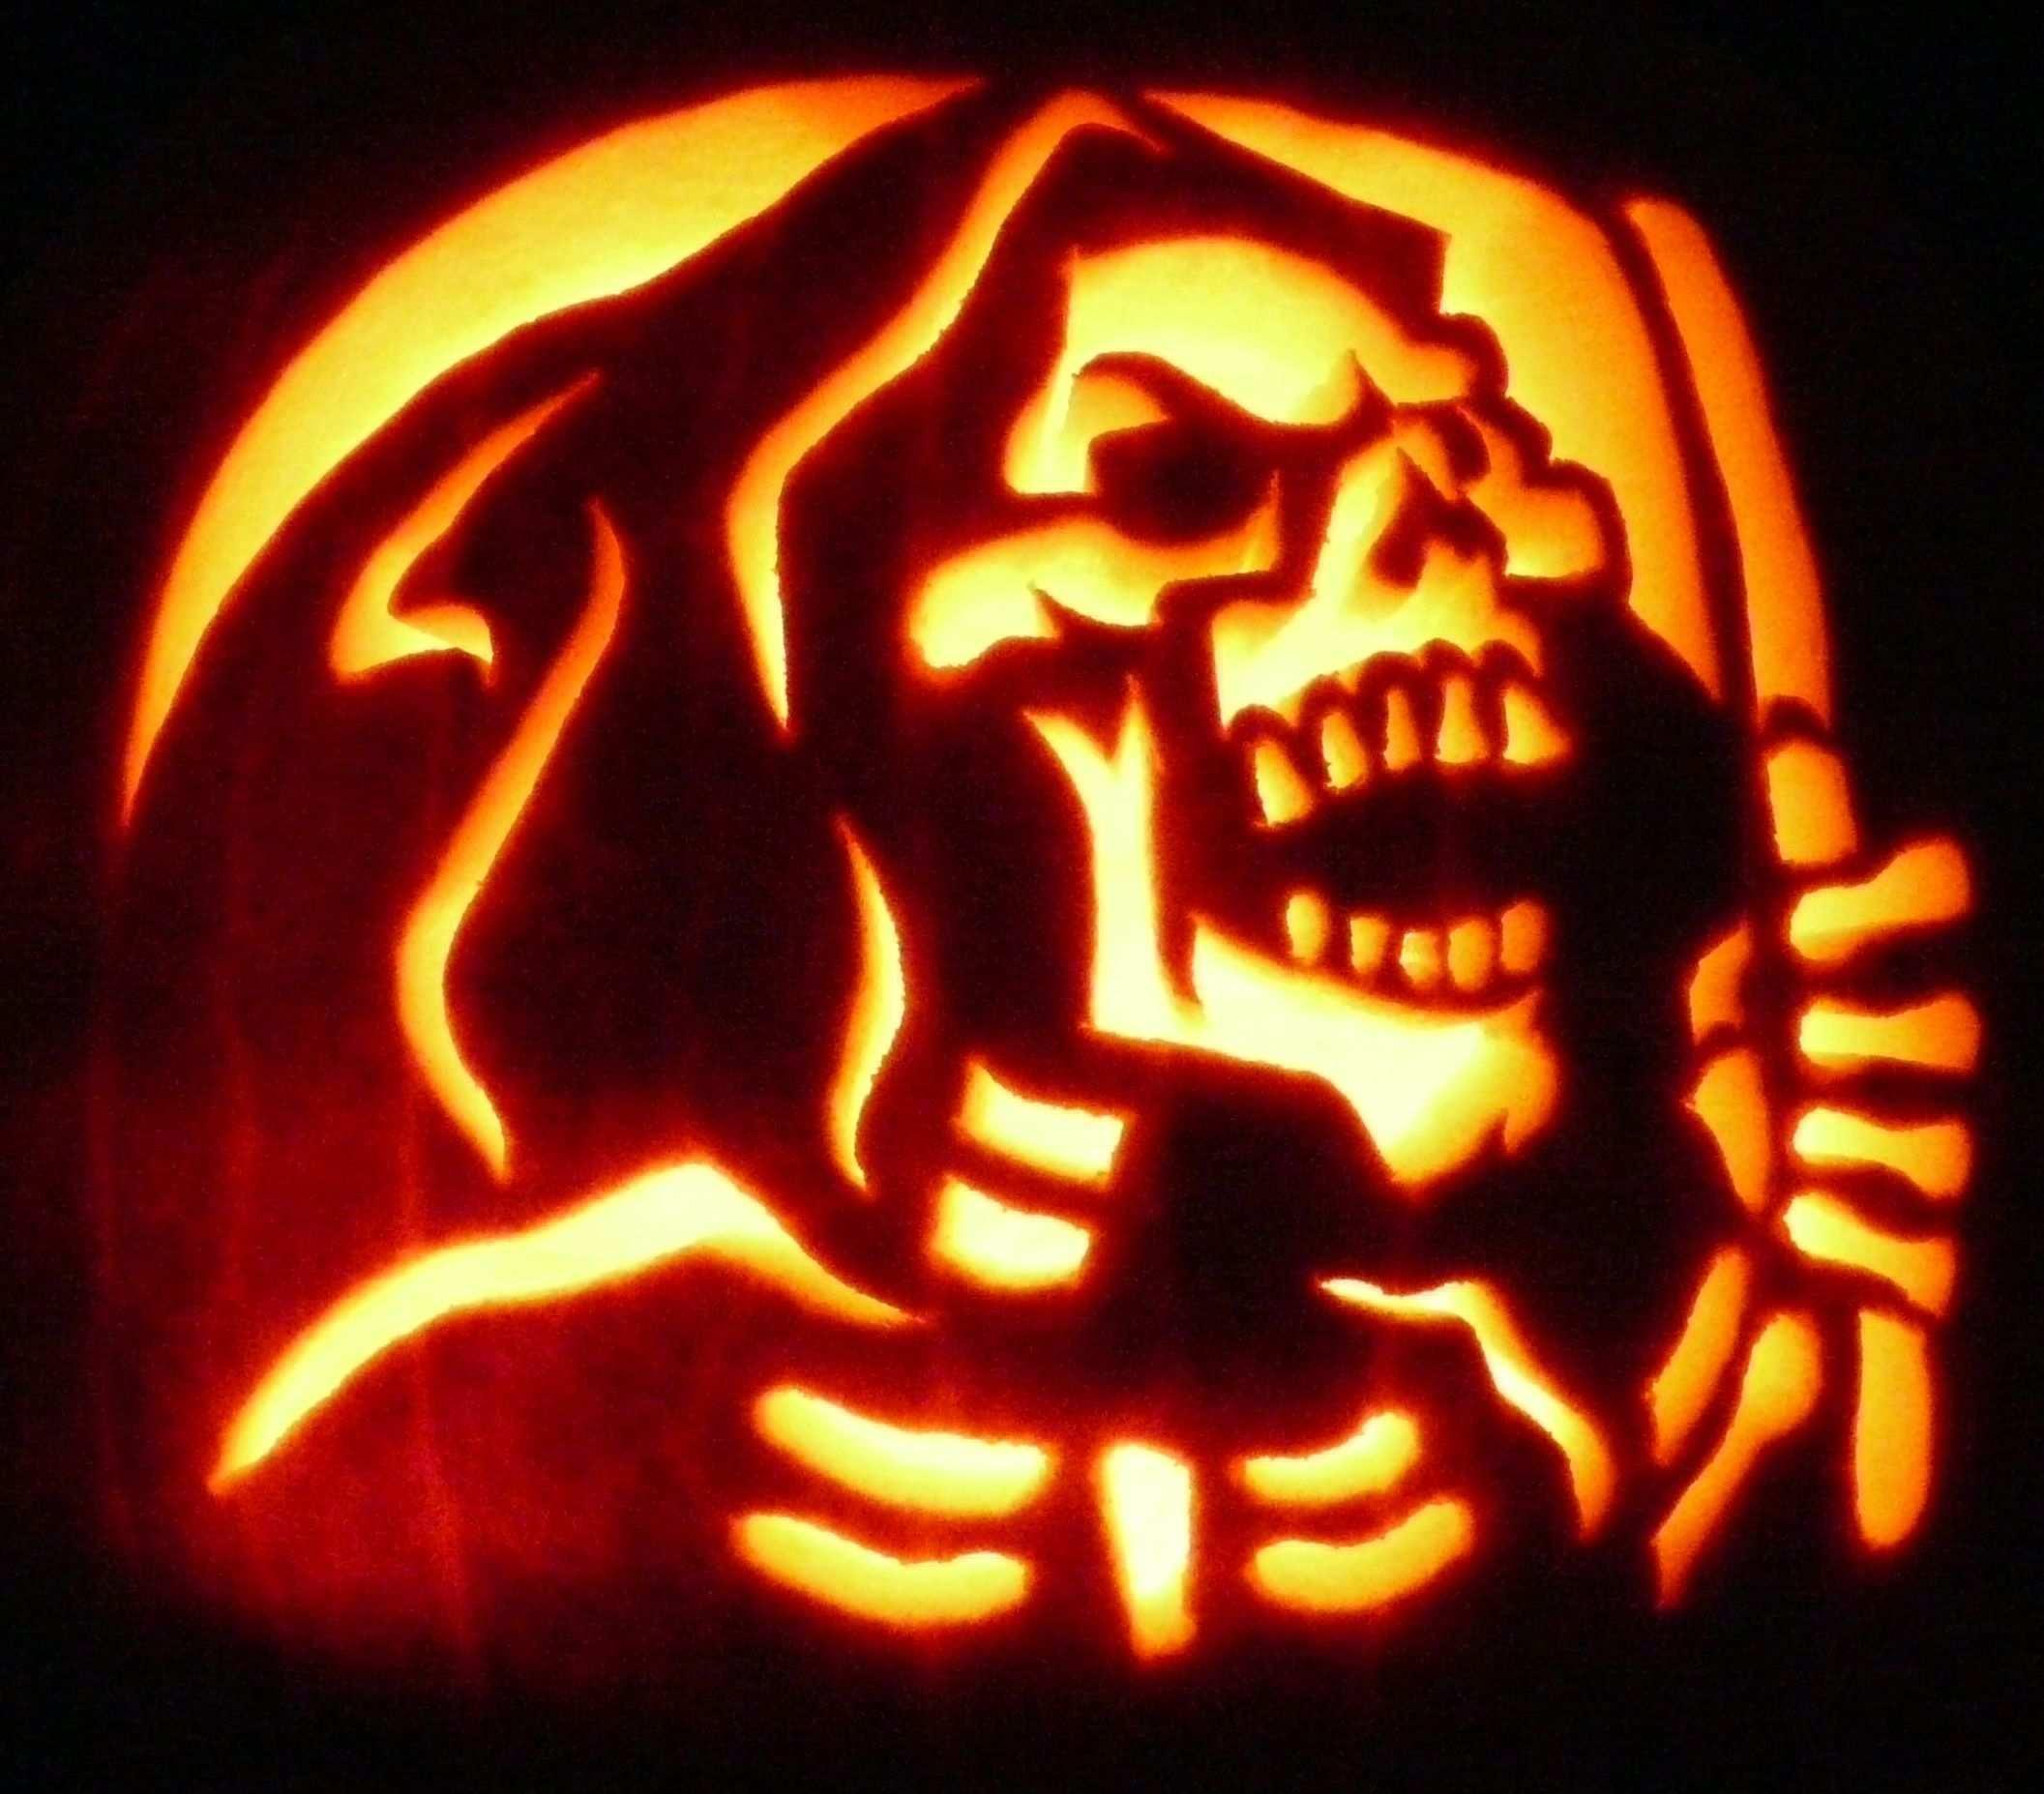 Carved Pumpkin The Reaper From Zombiepumpkins Com Gruseligen Kurbis Schnitzen Halloween Kurbis Schnitzen Kurbisschnitzmuster